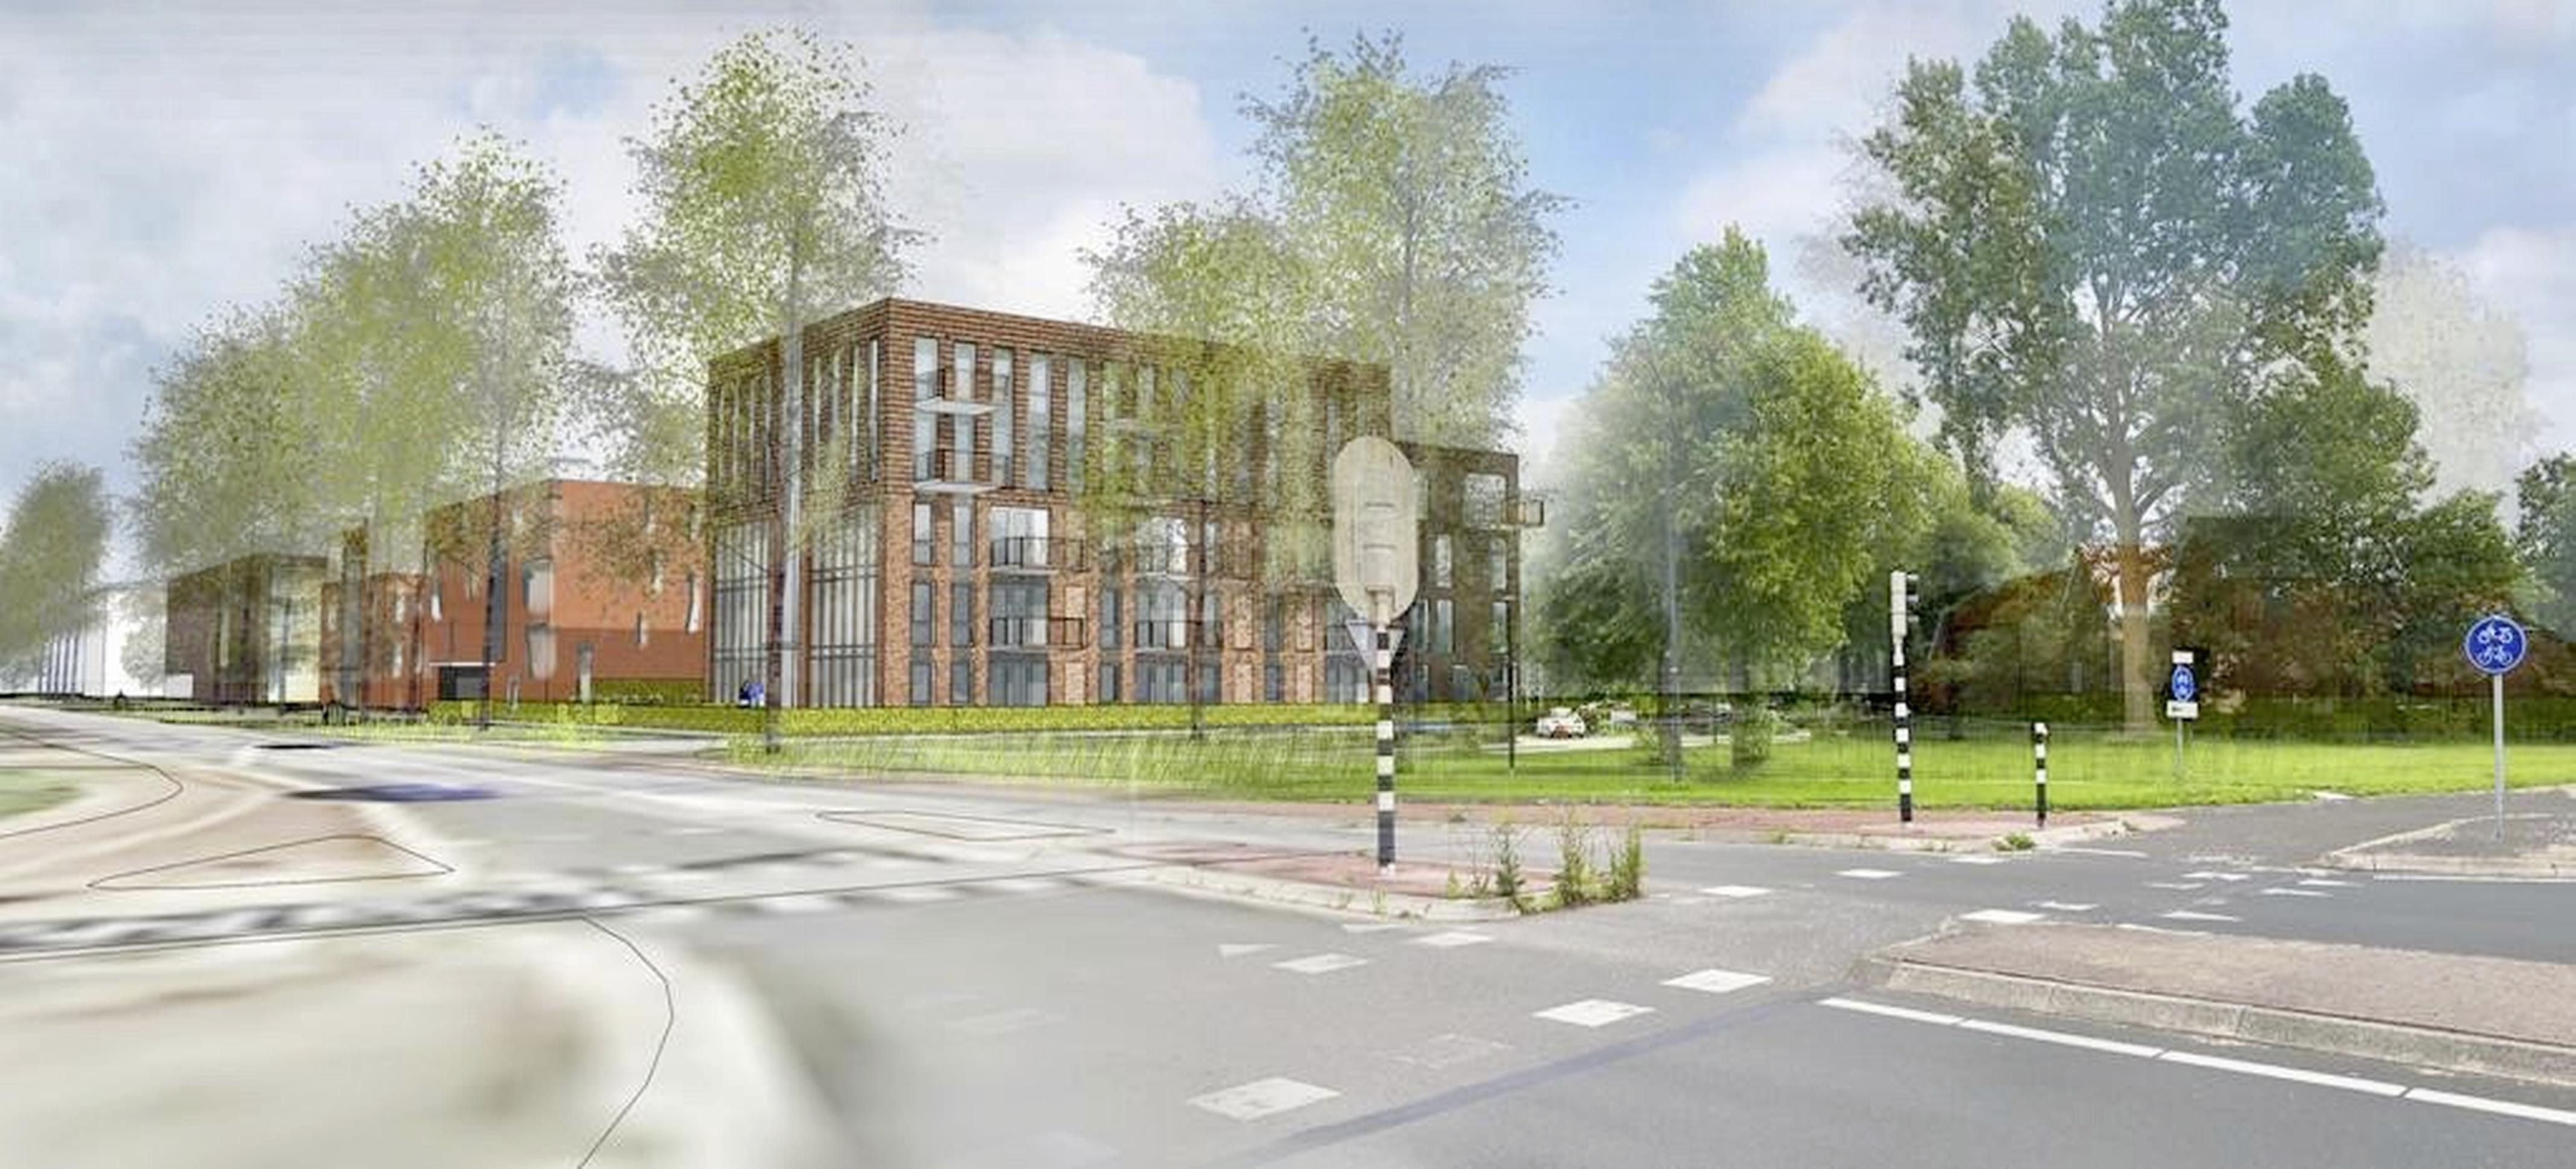 Plan voor 31 huurappartementen in Schagen, als alles 'soepel' loopt is Noorderpoort in 2023 gereed